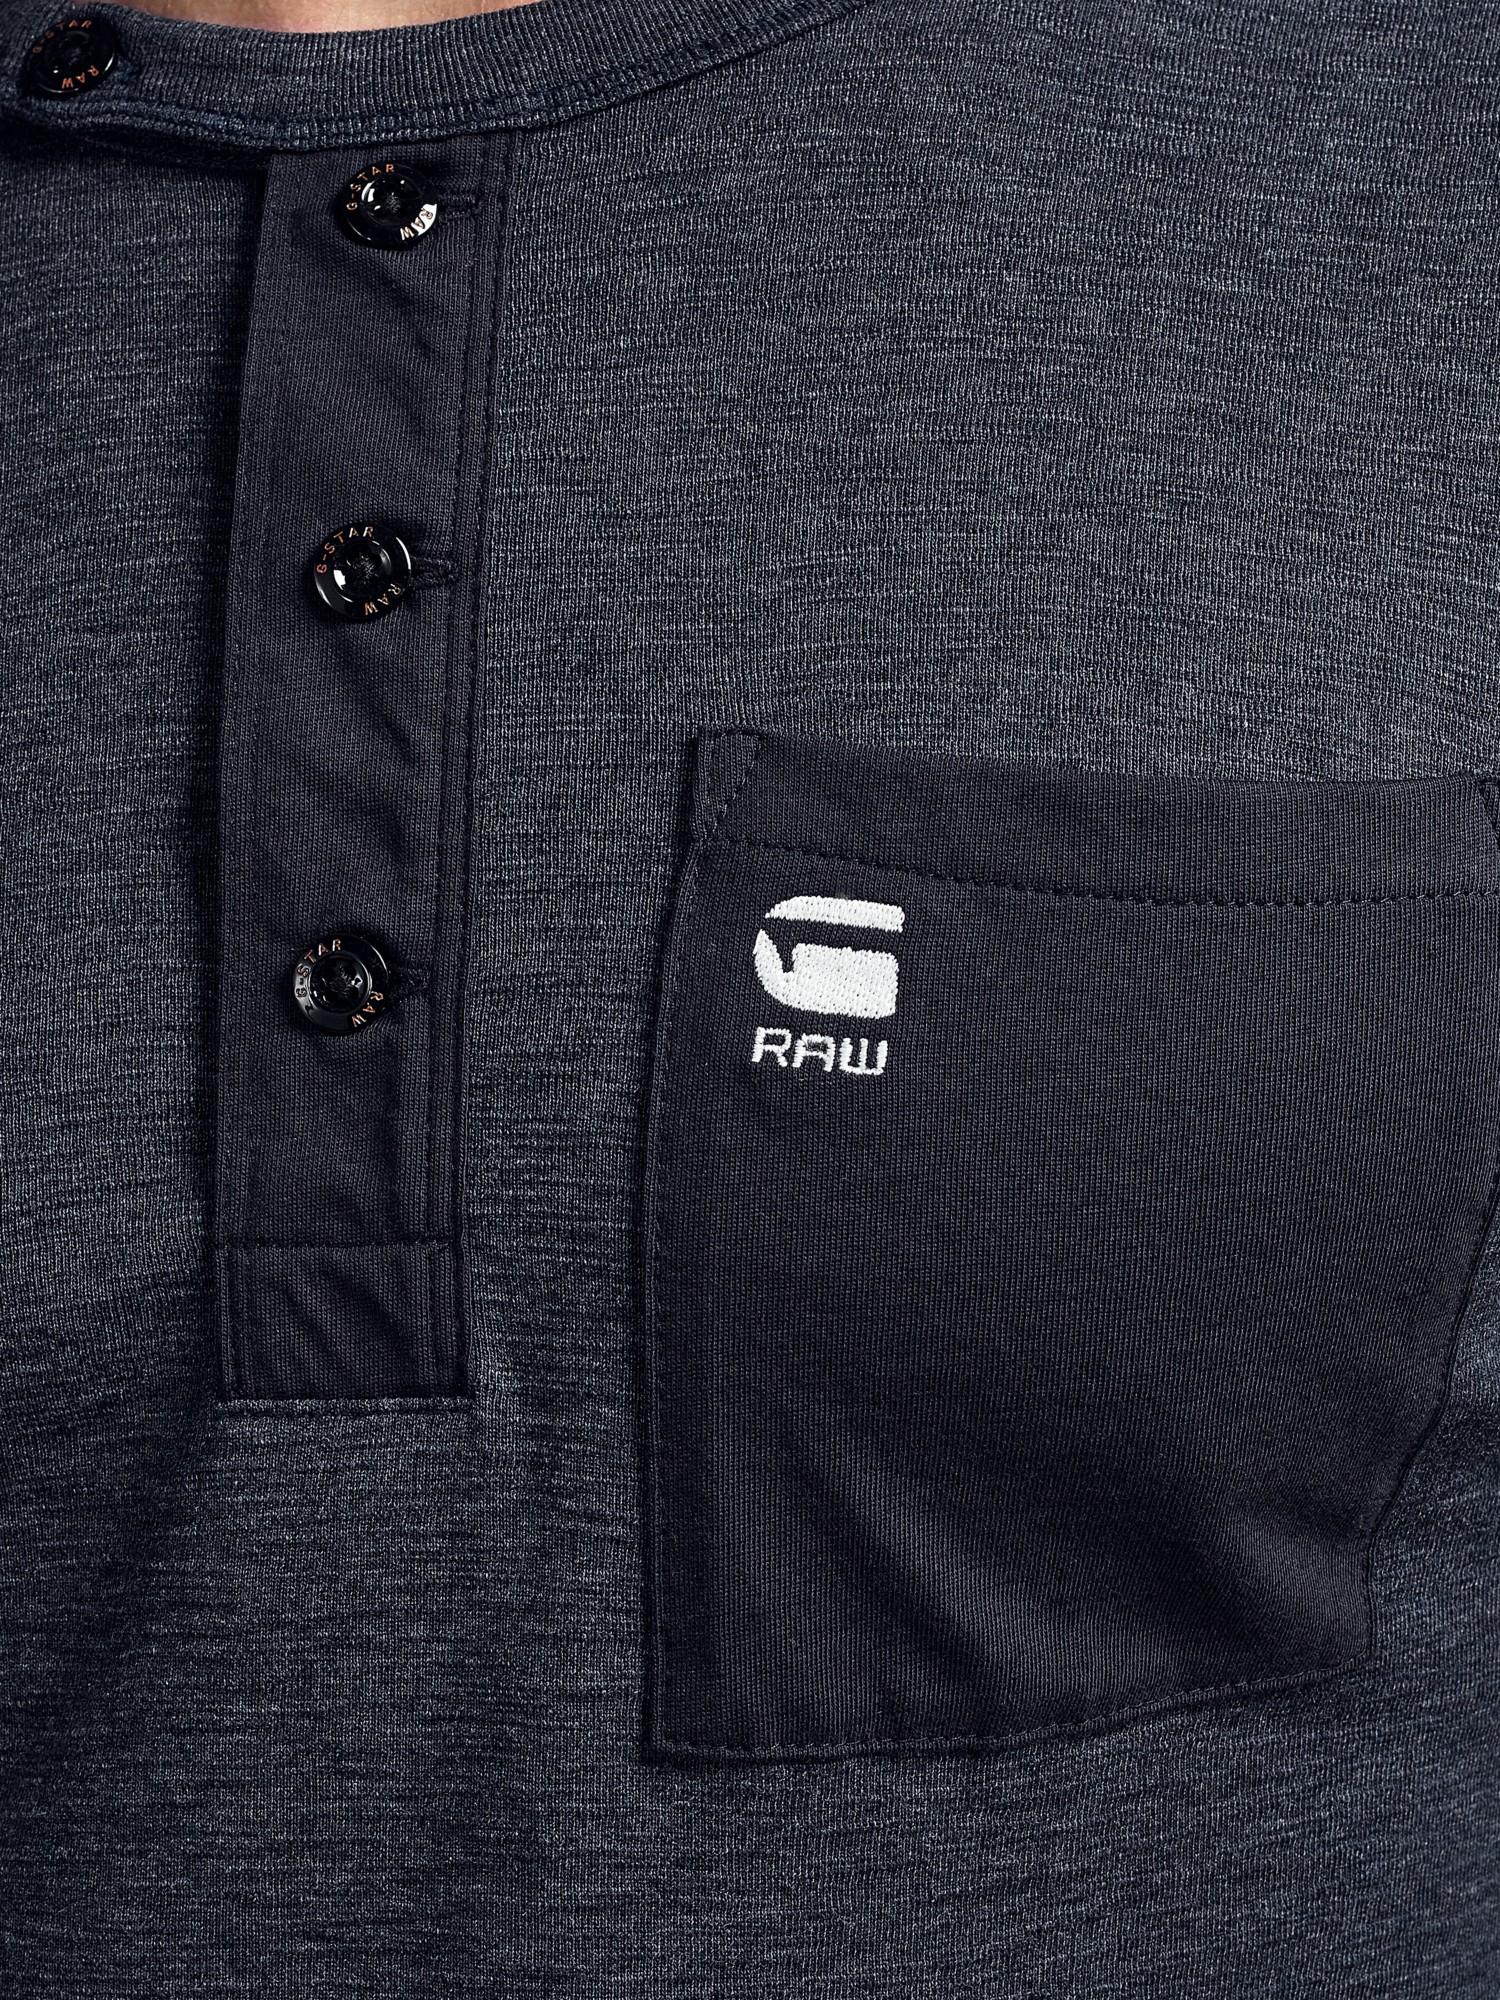 71047b134b G-Star RAW Mazuren Slim Grandad Long Sleeve T-shirt in Blue for Men ...